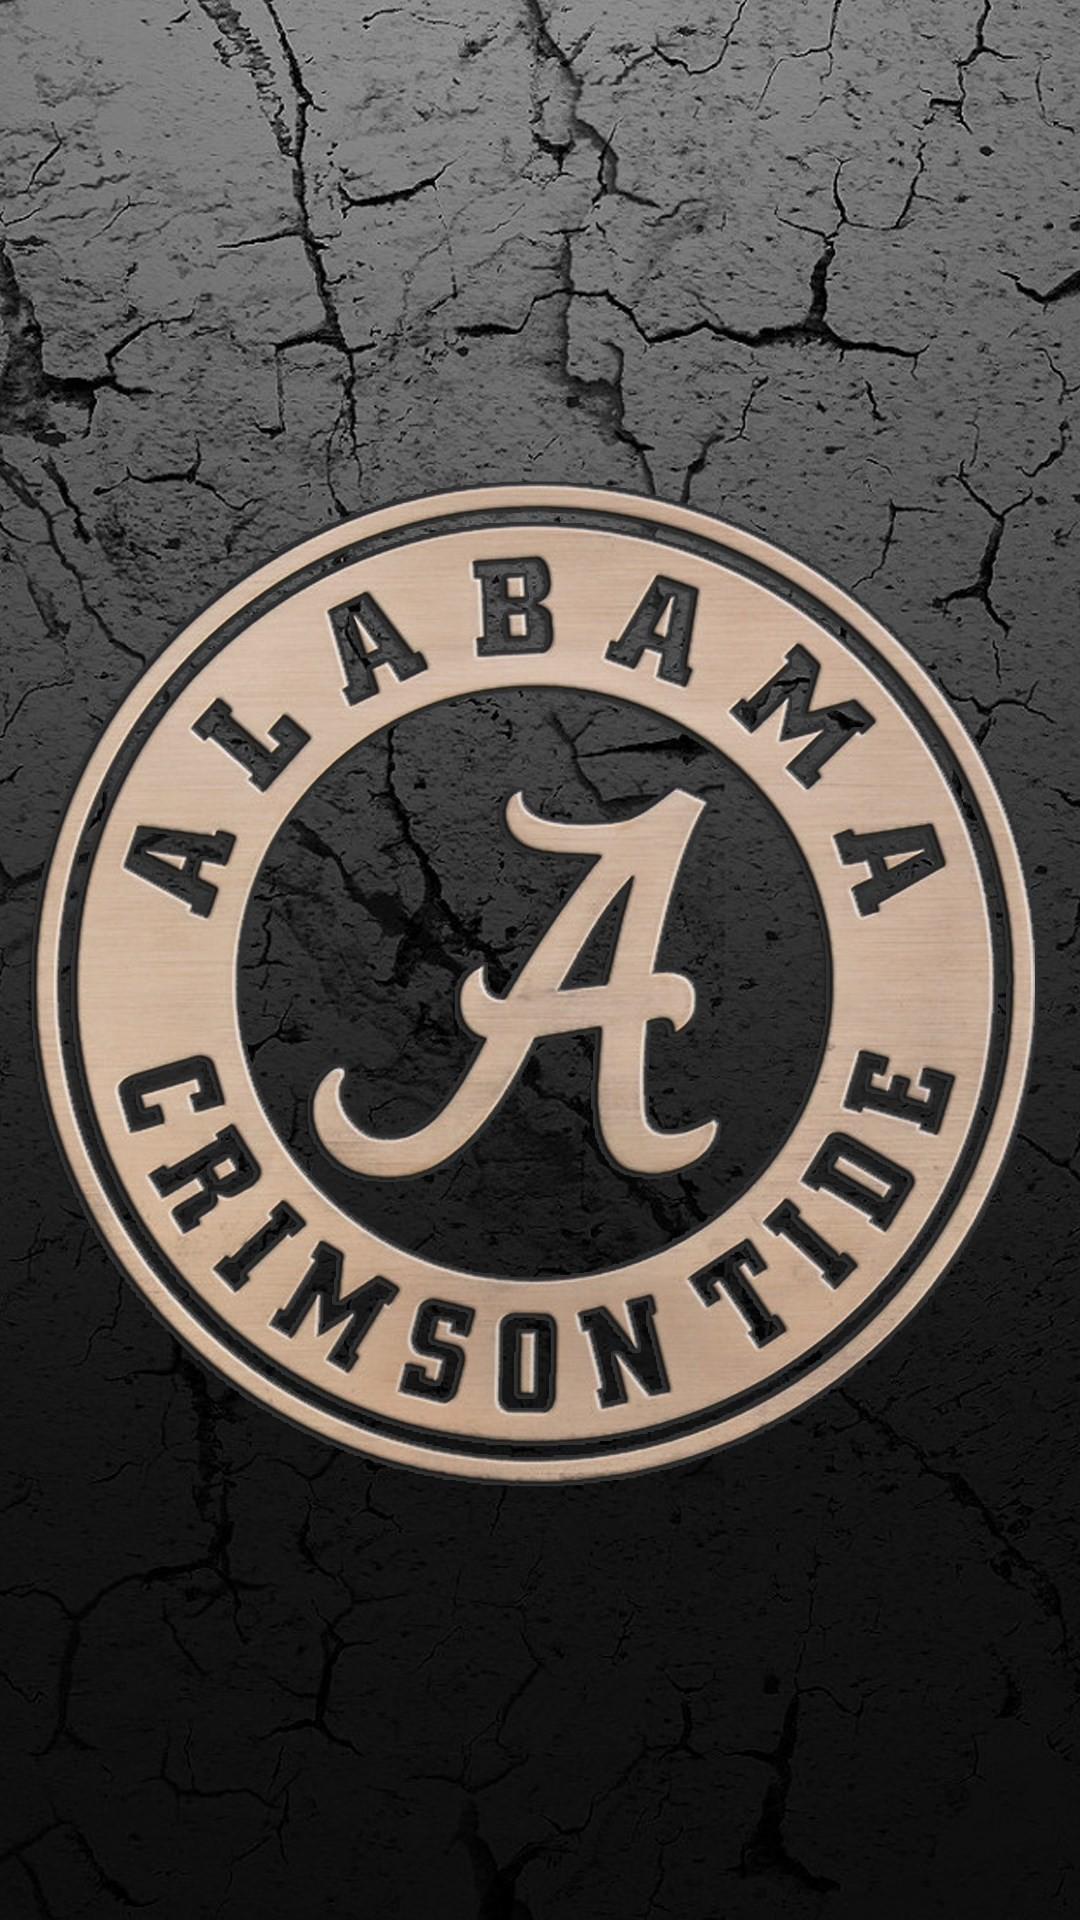 2018 Auburn Football Schedule >> Alabama Football Wallpaper 2018 ·①